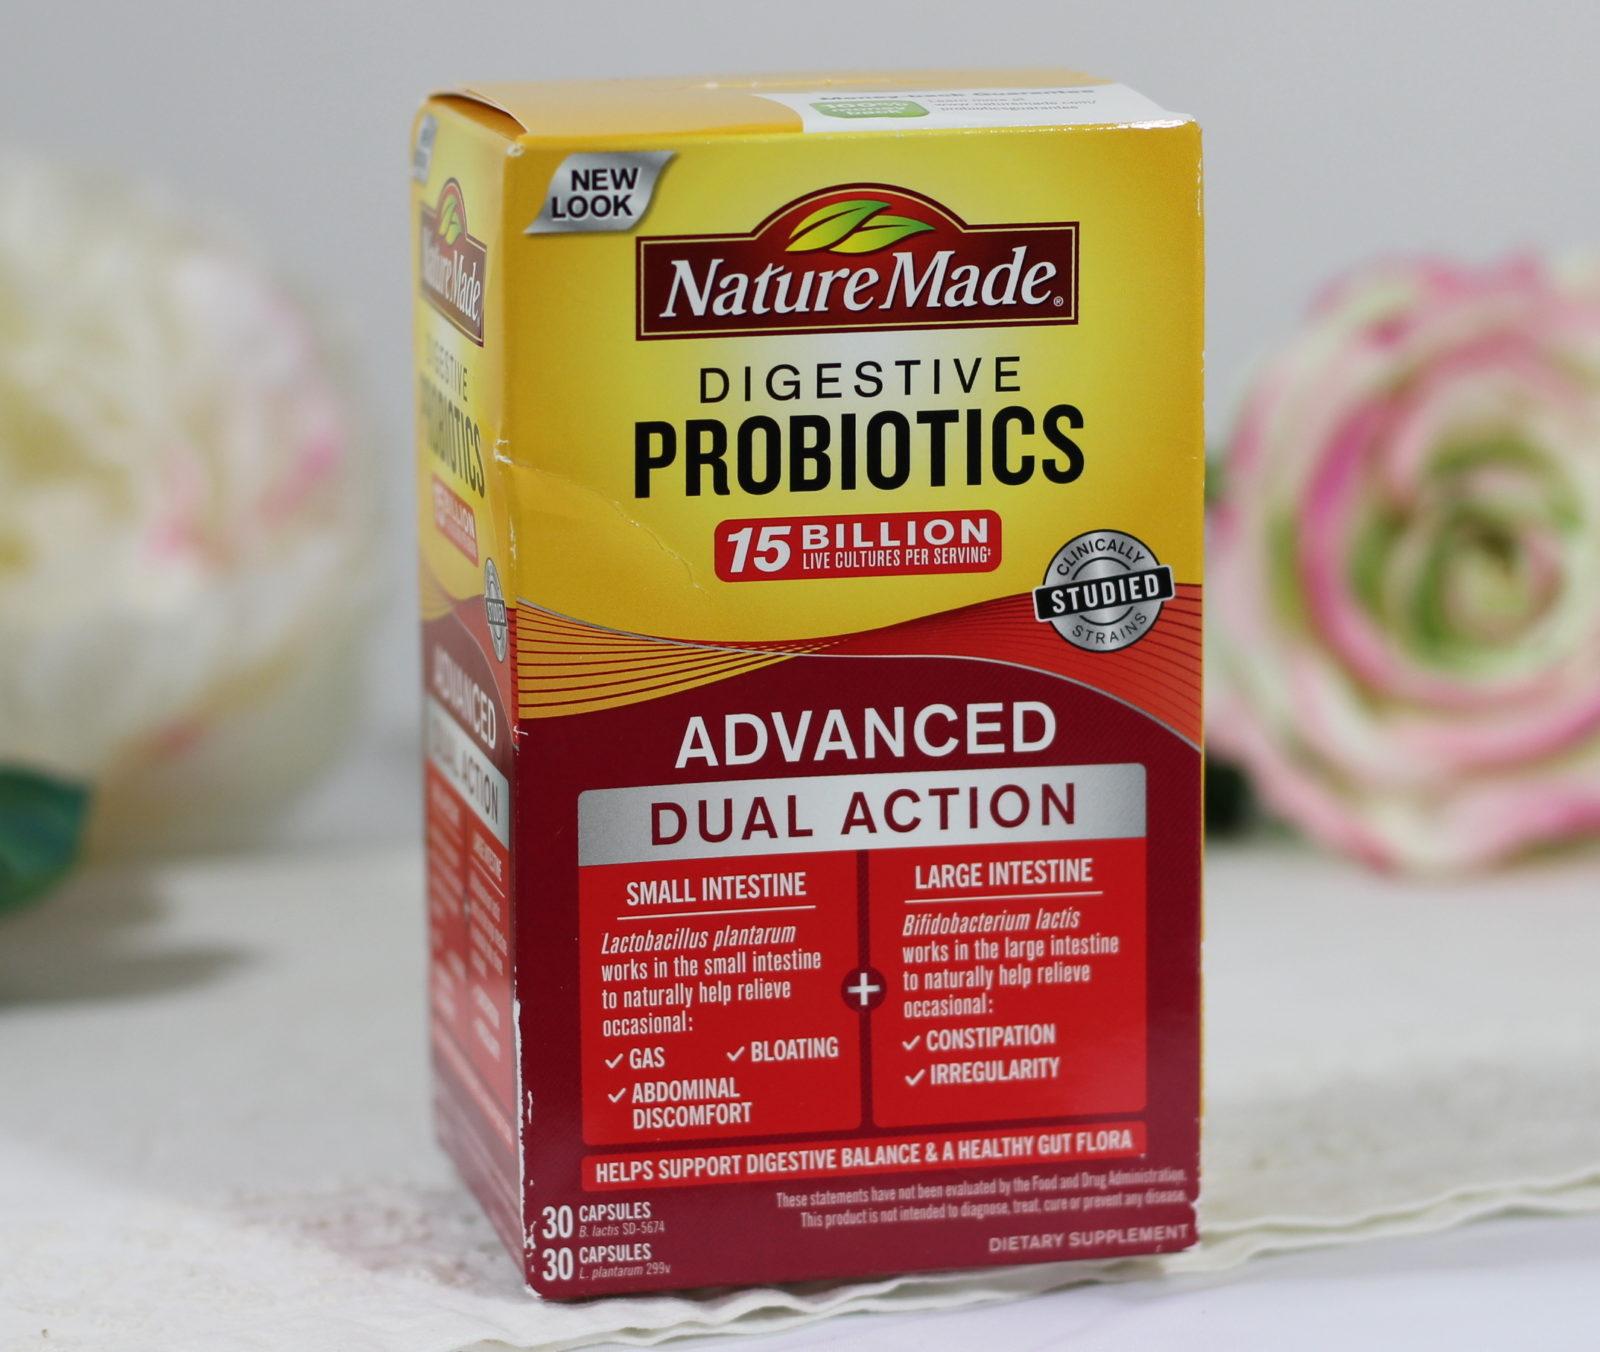 Probiotics for Digestion